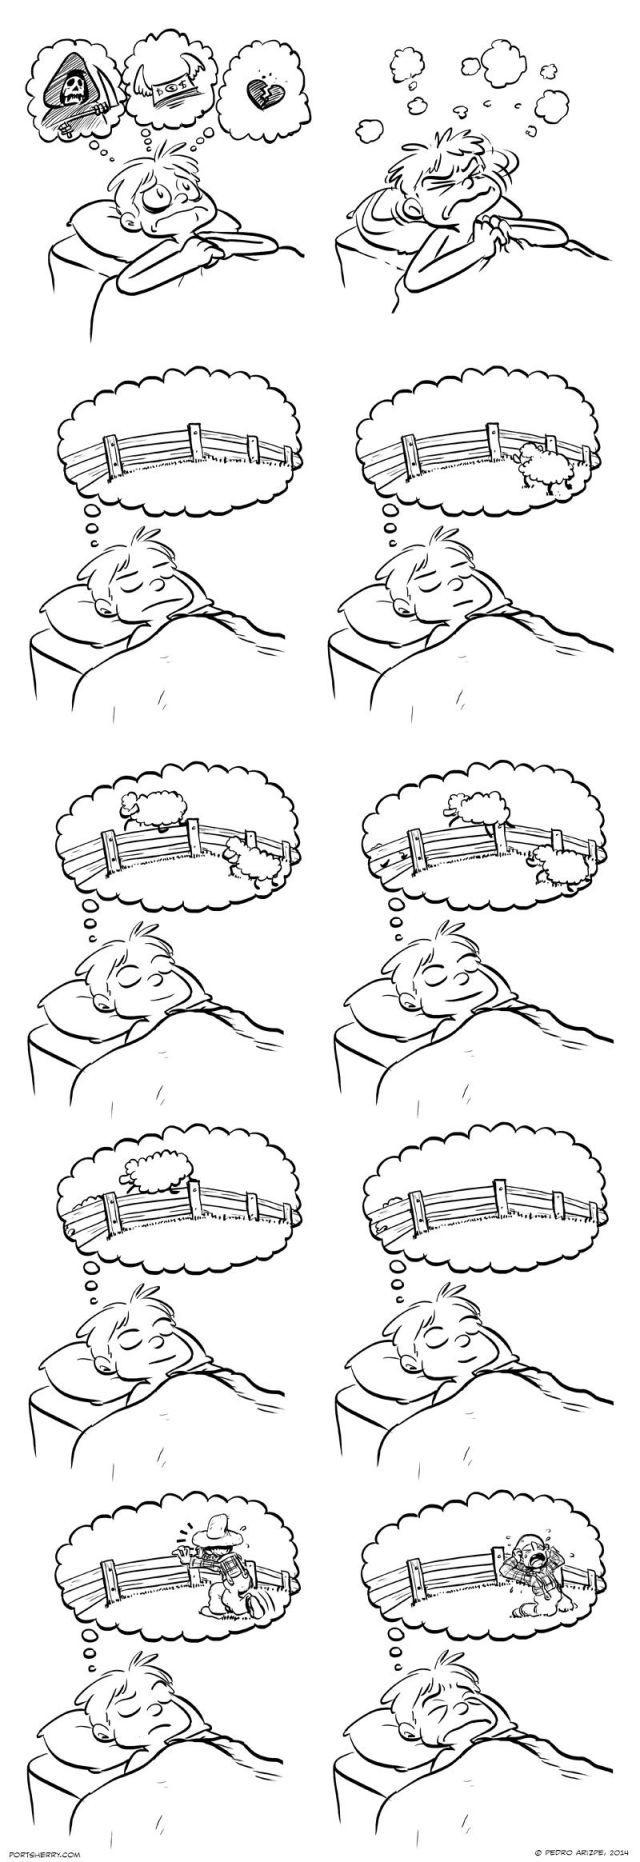 Смешные комиксы (20 картинок) 30.07.2014